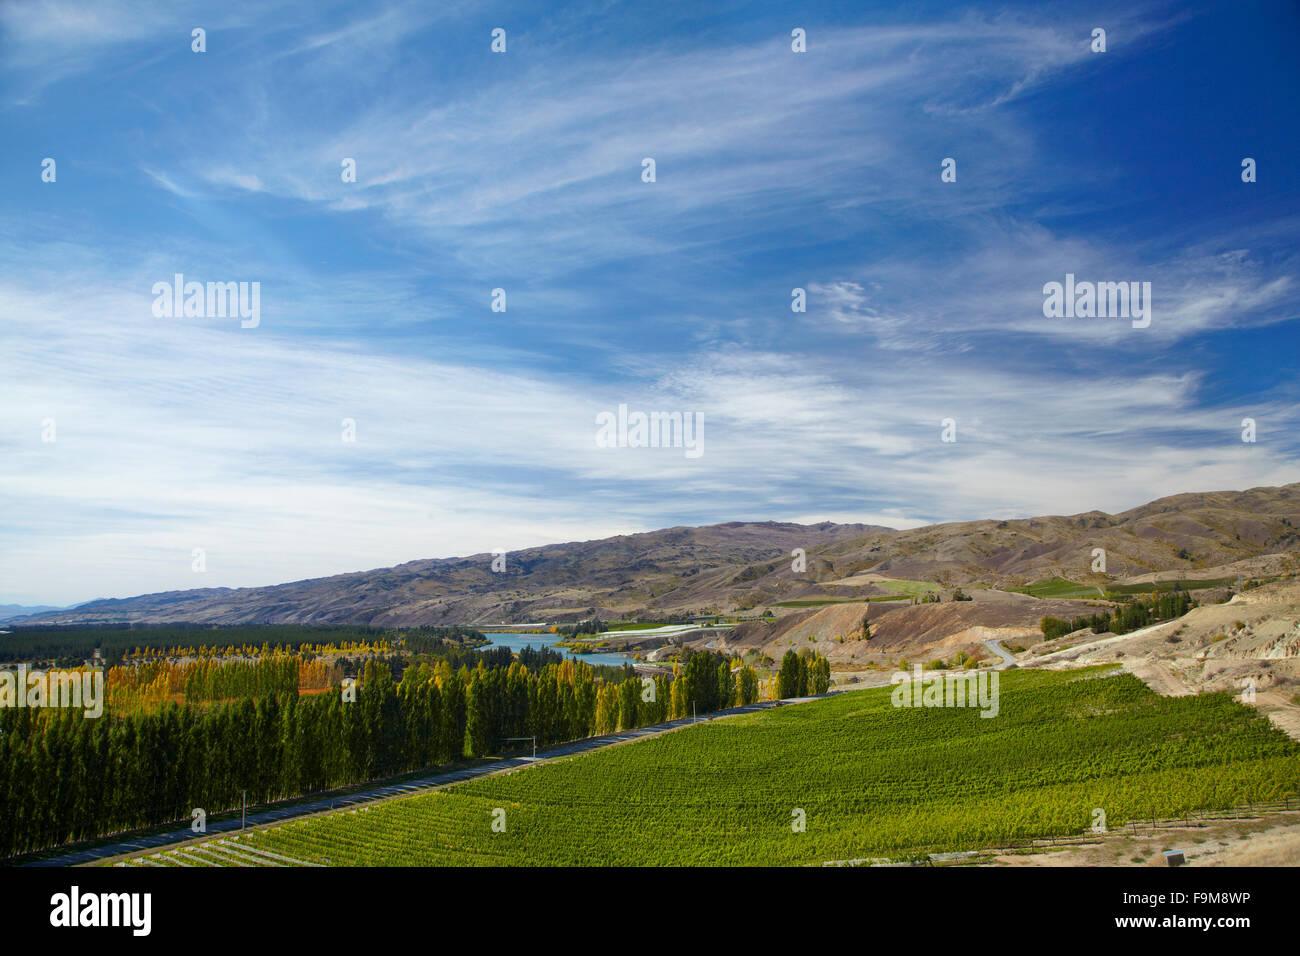 Mt dificultad en viñedos y huertos, Bannockburn, cerca de Cromwell, Central Otago, Isla del Sur, Nueva Zelanda Imagen De Stock